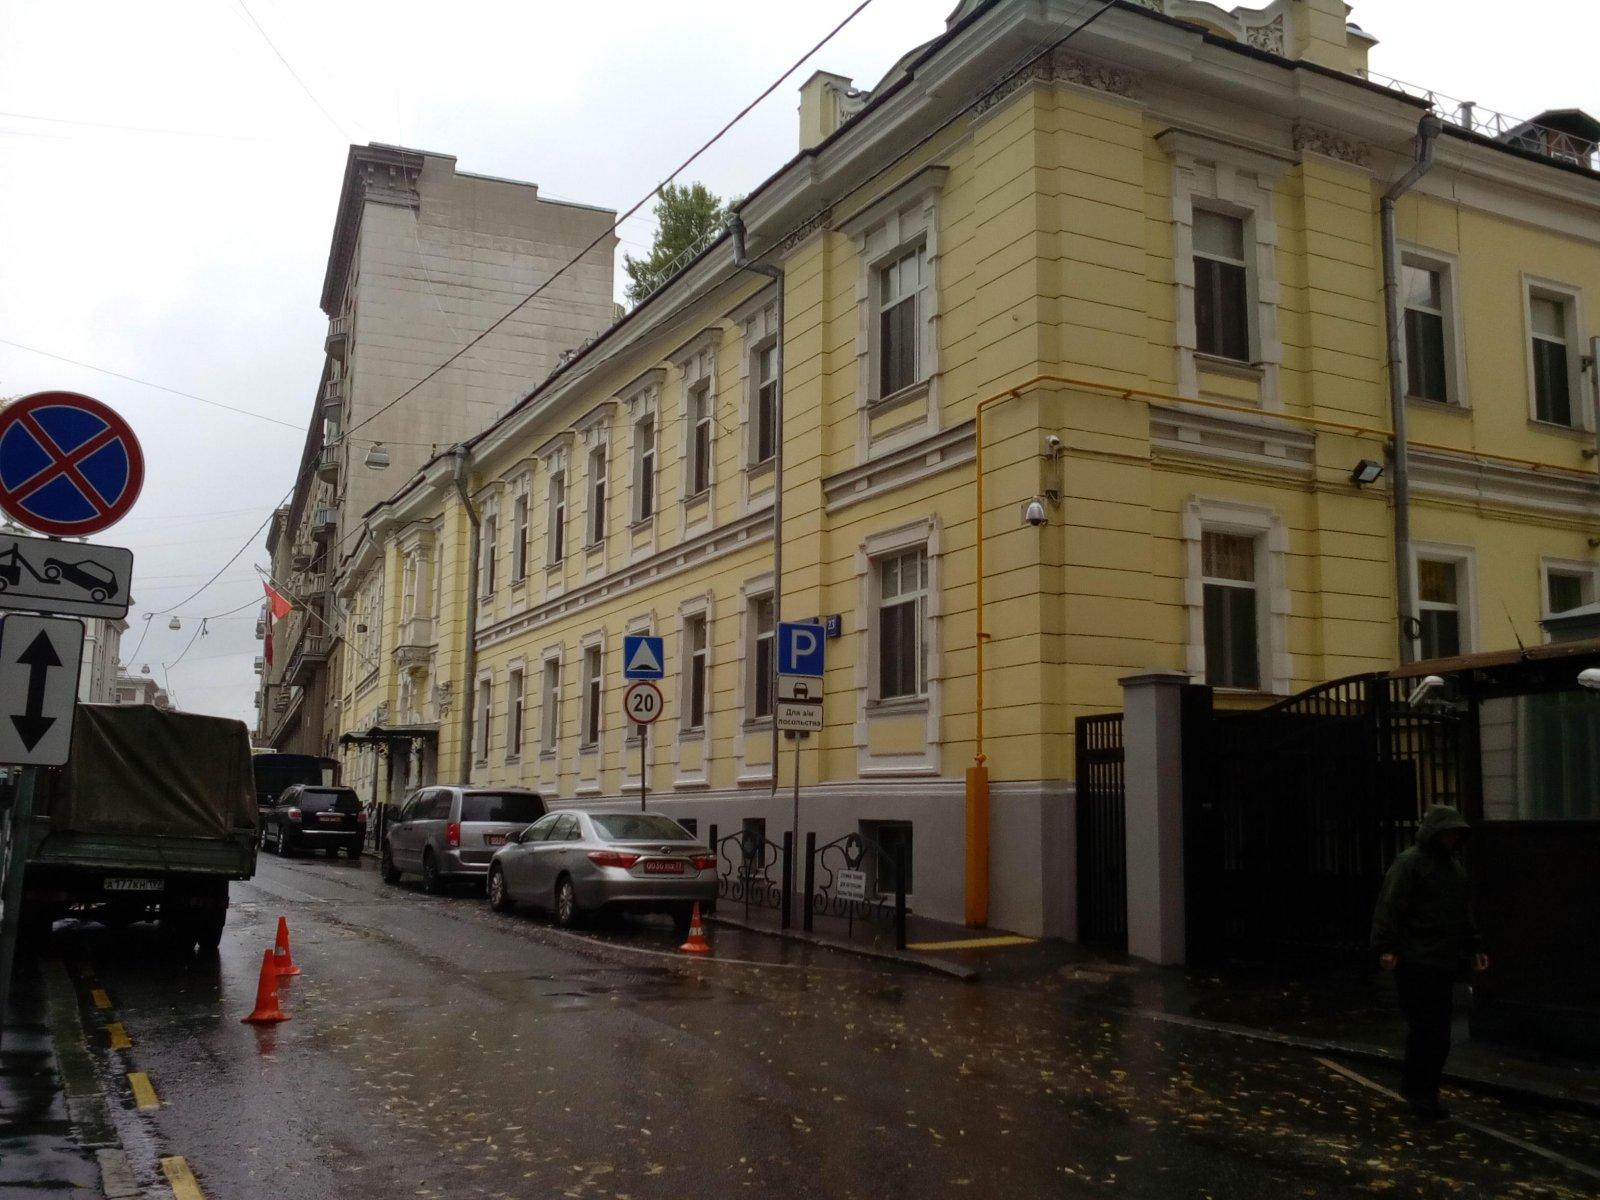 Посольство Канады в г. Москве, Староконюшенный переулок, 23